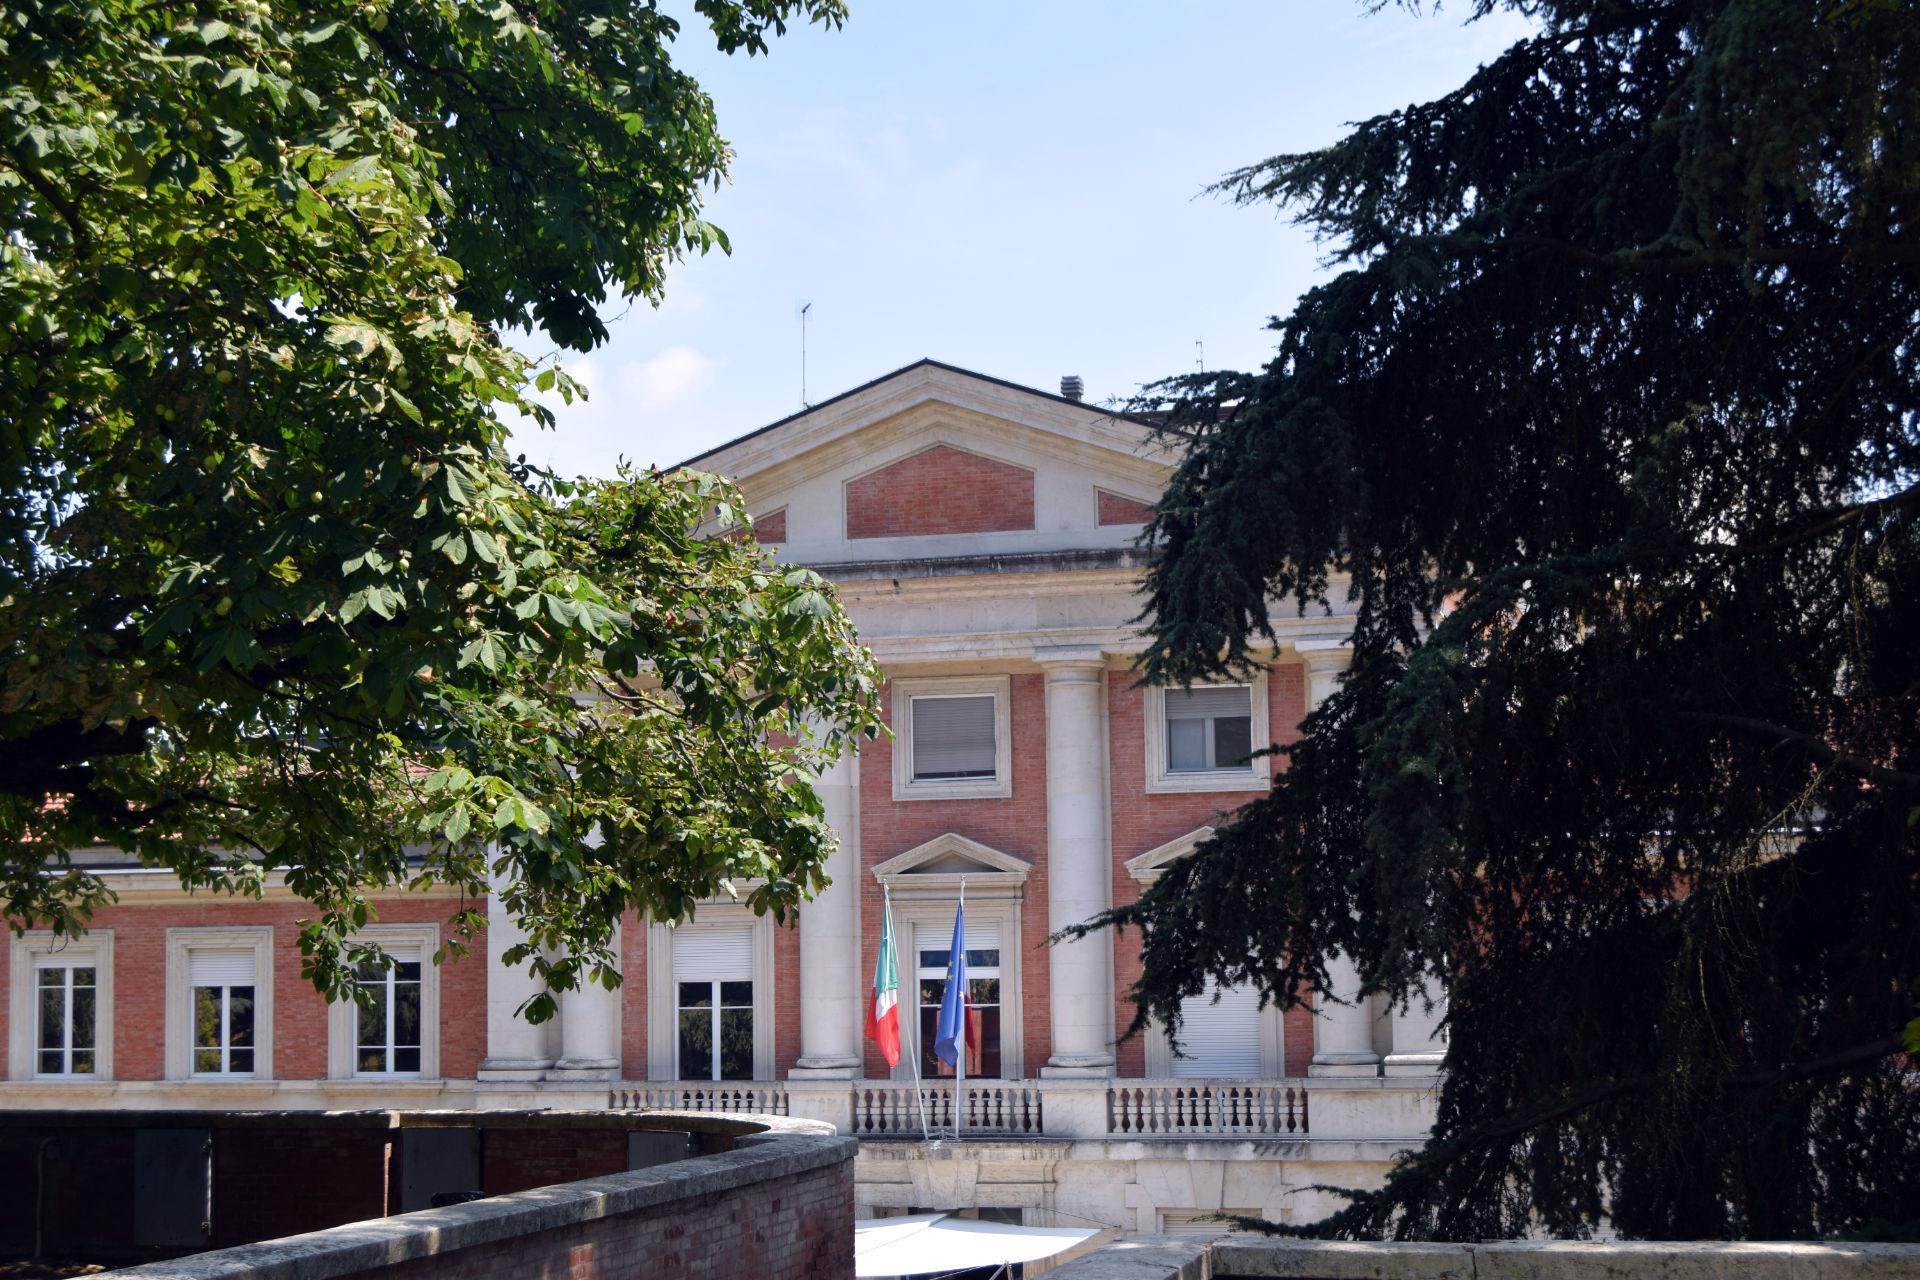 Montecatone